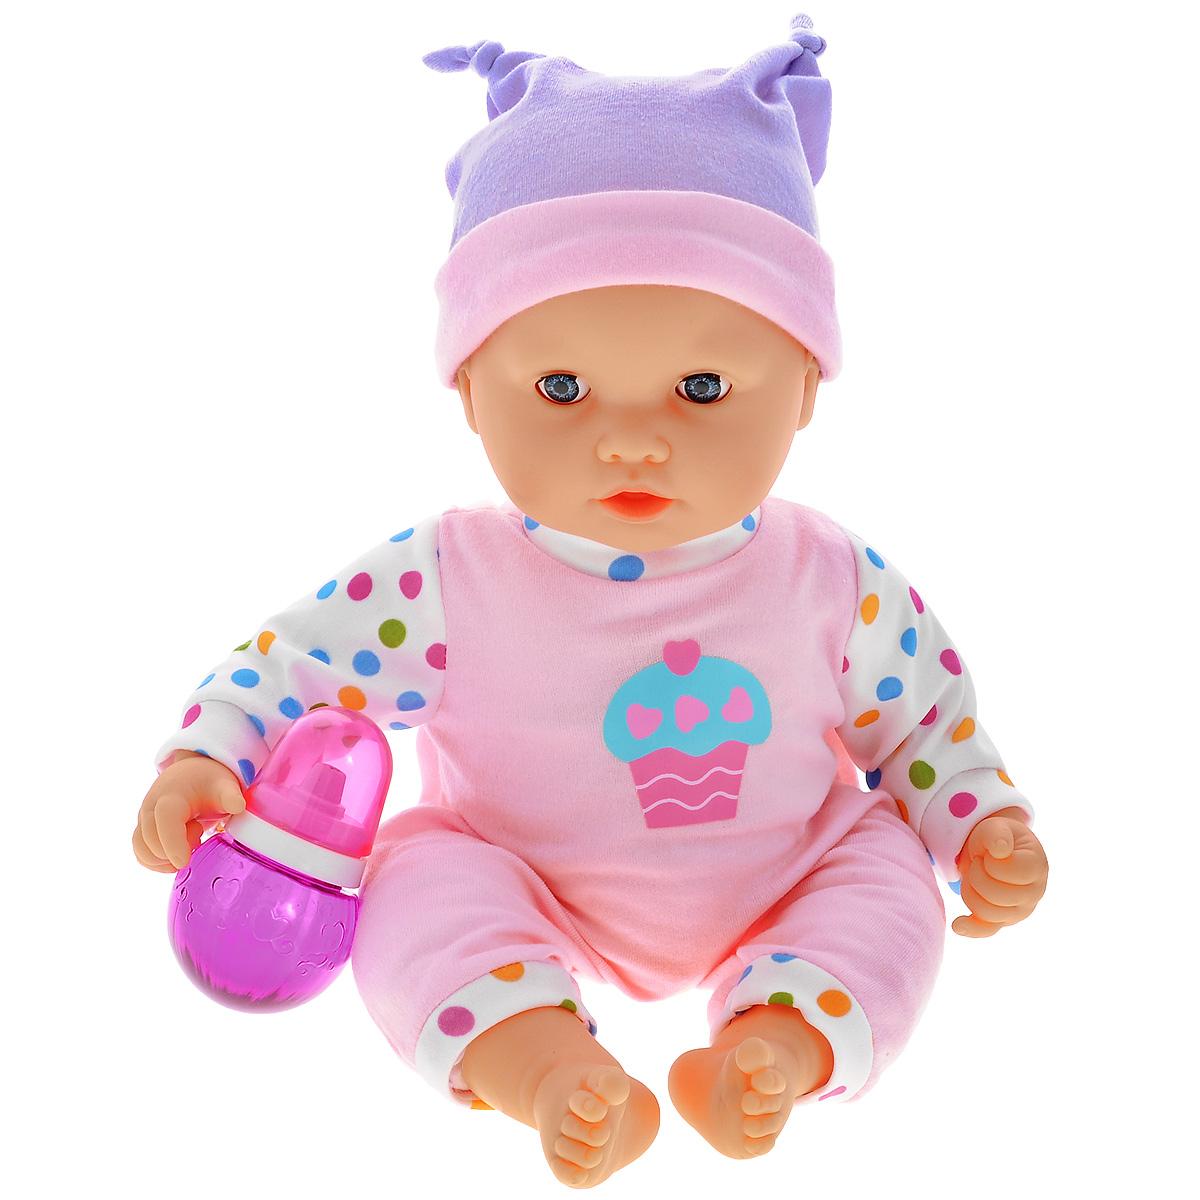 Пупс Joy Toy Мой малыш. Саша. 5311G589-H43044Пупс Joy Toy Мой малыш. Саша - это интерактивная кукла, которая ведет себя как настоящий ребенок. Вашей дочурке обязательно понравится играть с этим пупсом, ведь он будет ее внимательно слушать, а затем повторять за ней! Кукла порадует любую малышку и сделает социально-ролевые игры намного интереснее. Саша одет в красивый комбинезончик розового цвета с рисунком кекса, а на голове у него красуется шапочка. Если нажать малышу на правую руку, можно записать свой голос, а если нажать на левую, то выключится запись и можно прослушать результат. Набор содержит пупса в одежде и бутылочку.